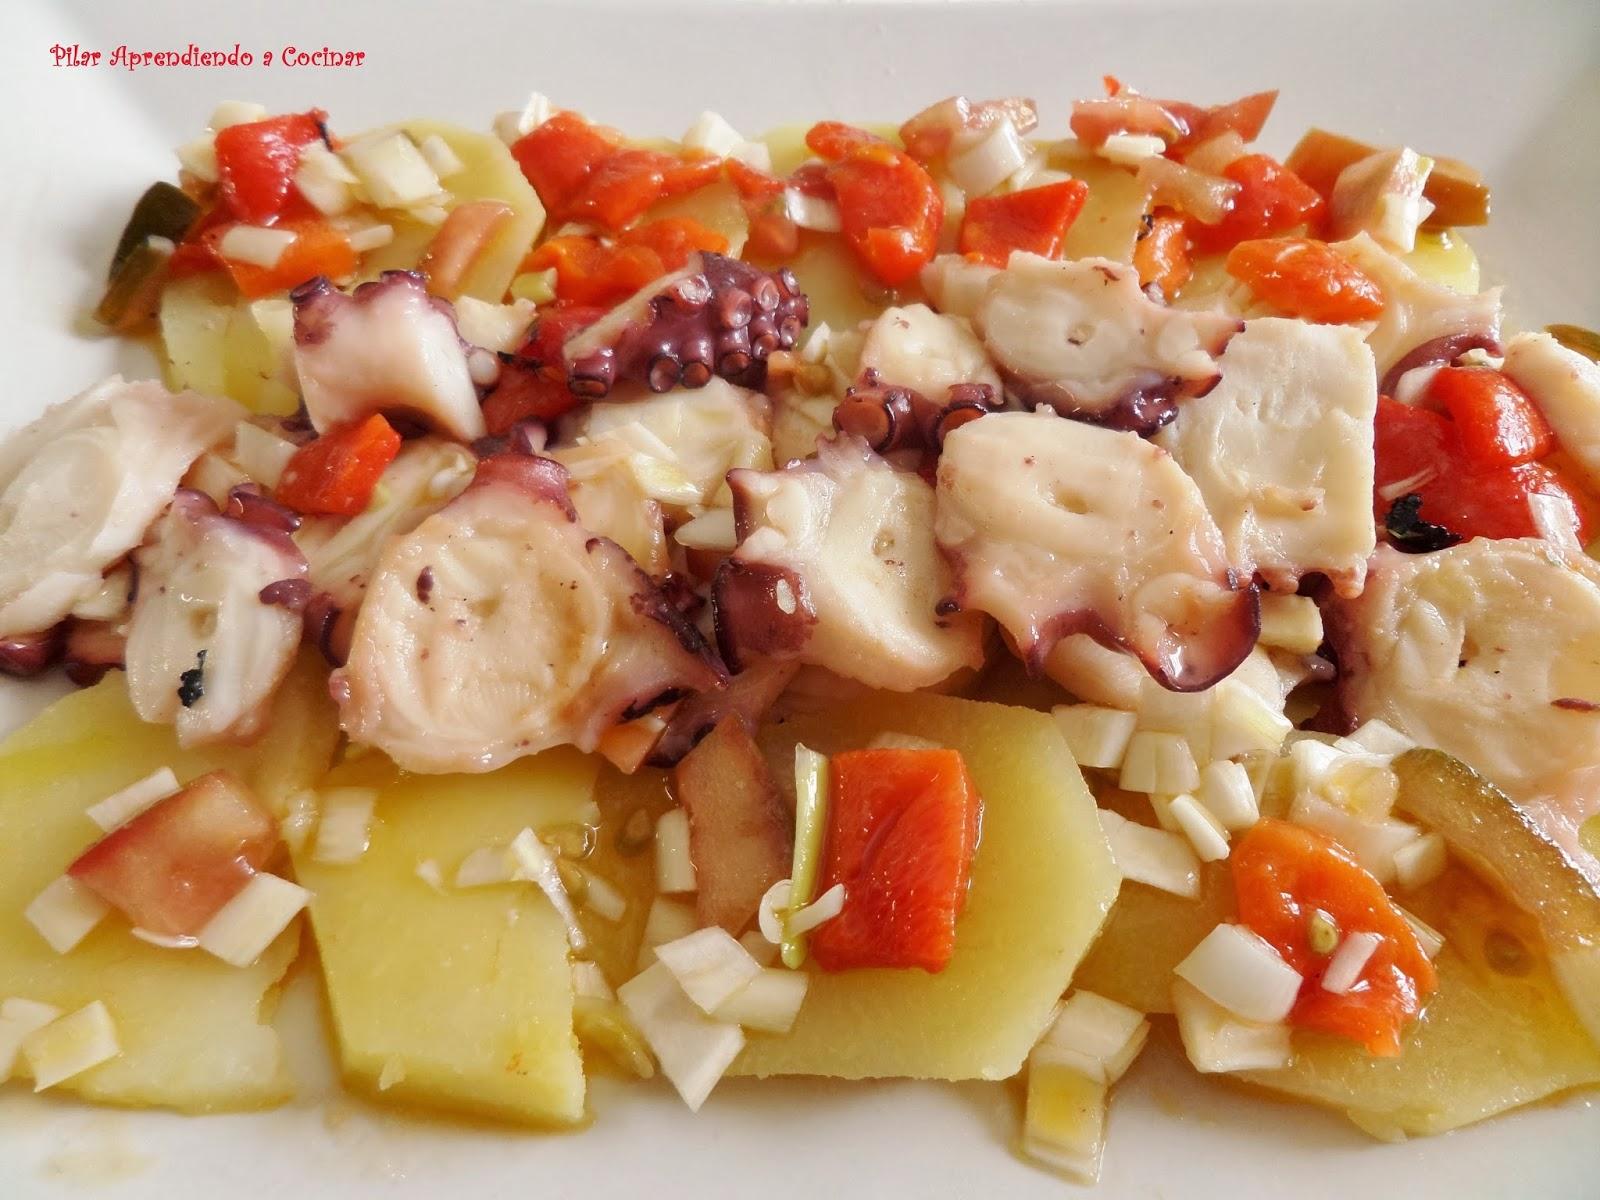 Aprendiendo a cocinar ensalada de pulpo asado con patatas for Cocinar pulpo